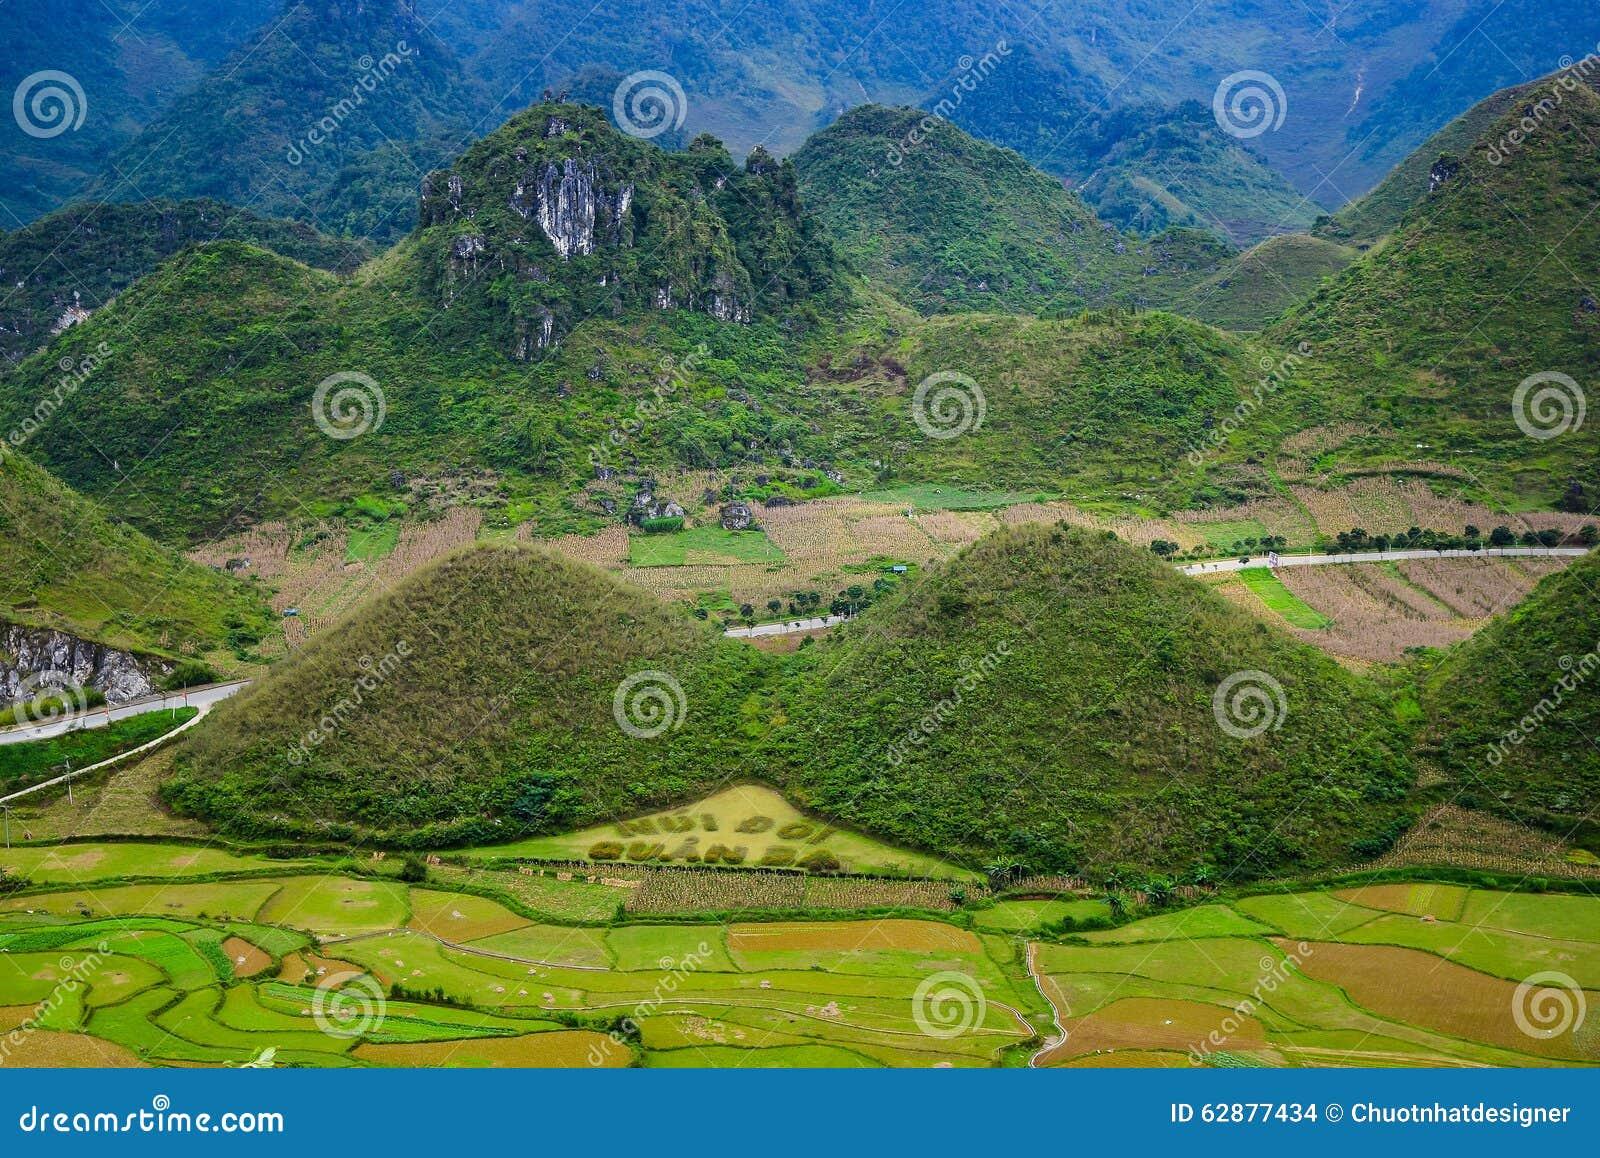 La poitrine féerique est située en ville de Tam Son, Quan Ba District, province de Ha Giang, Vietnam En septembre champs colorés